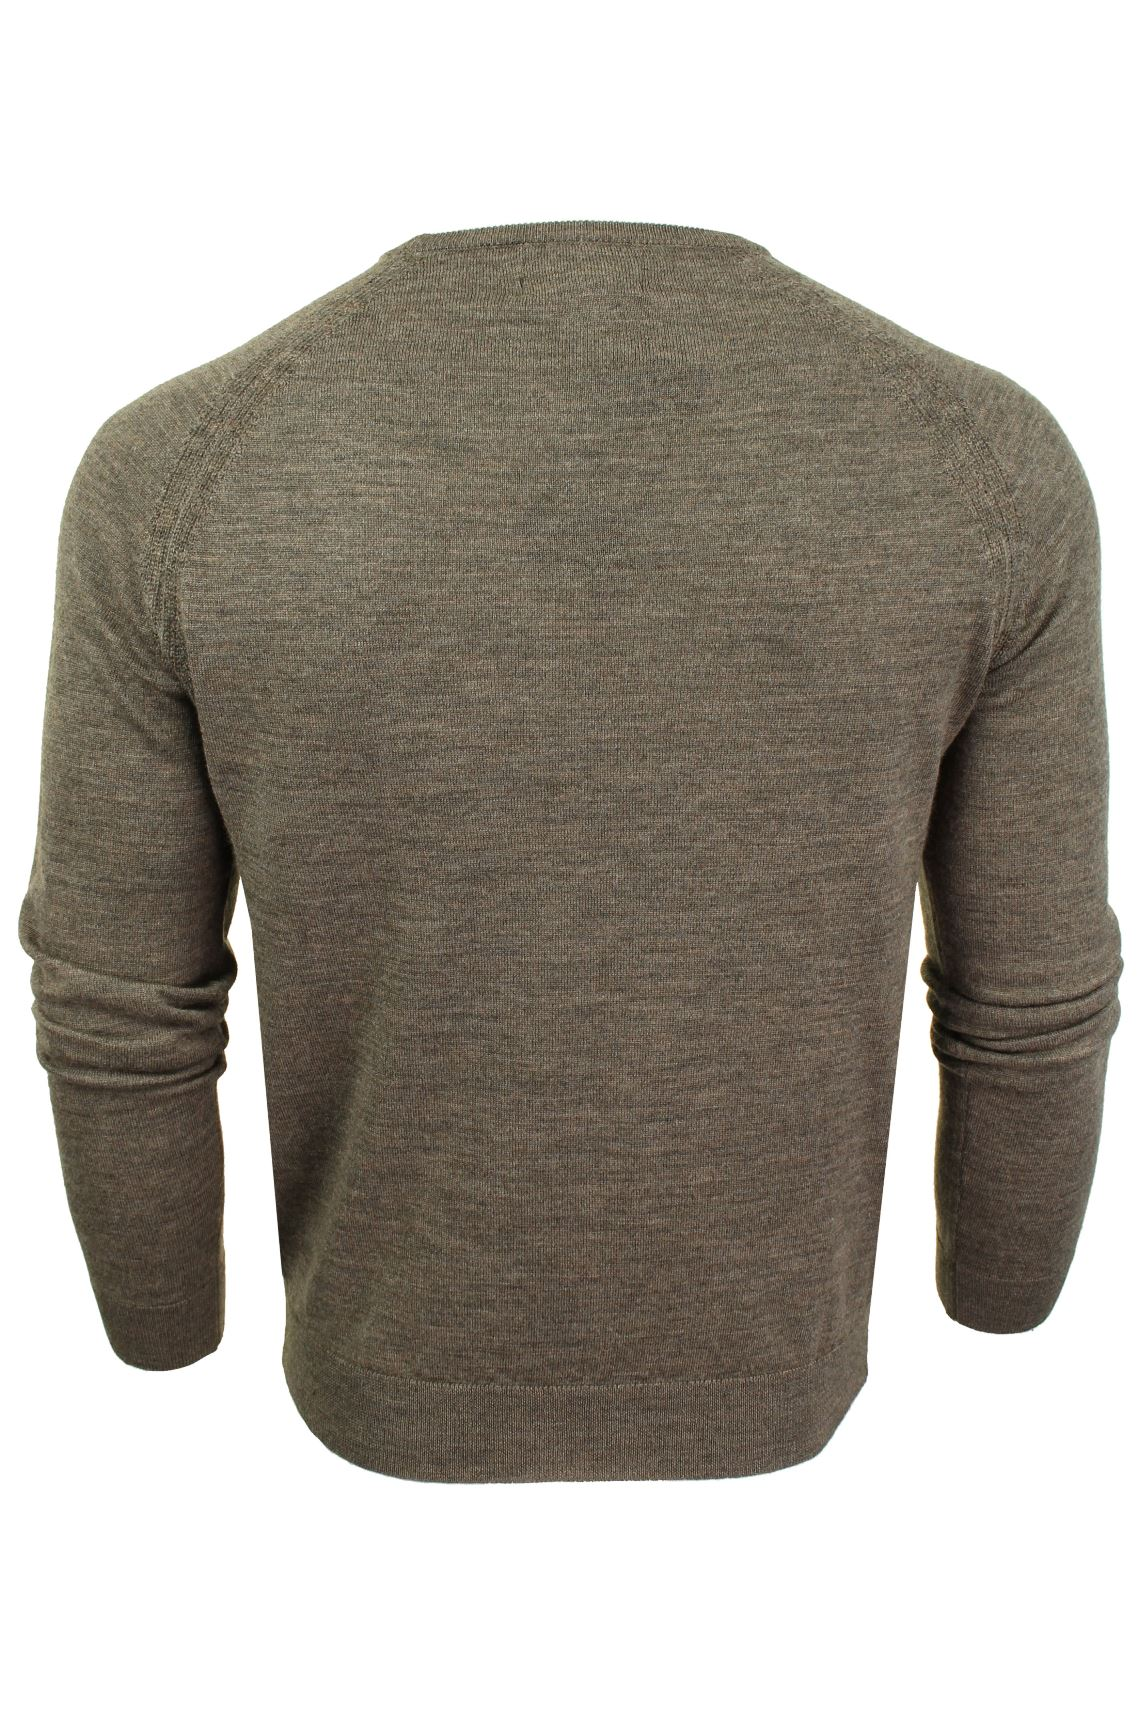 Jersey-para-hombre-ligero-100-lana-por-desgastado-034-Troya-034-Cuello-Redondo miniatura 8